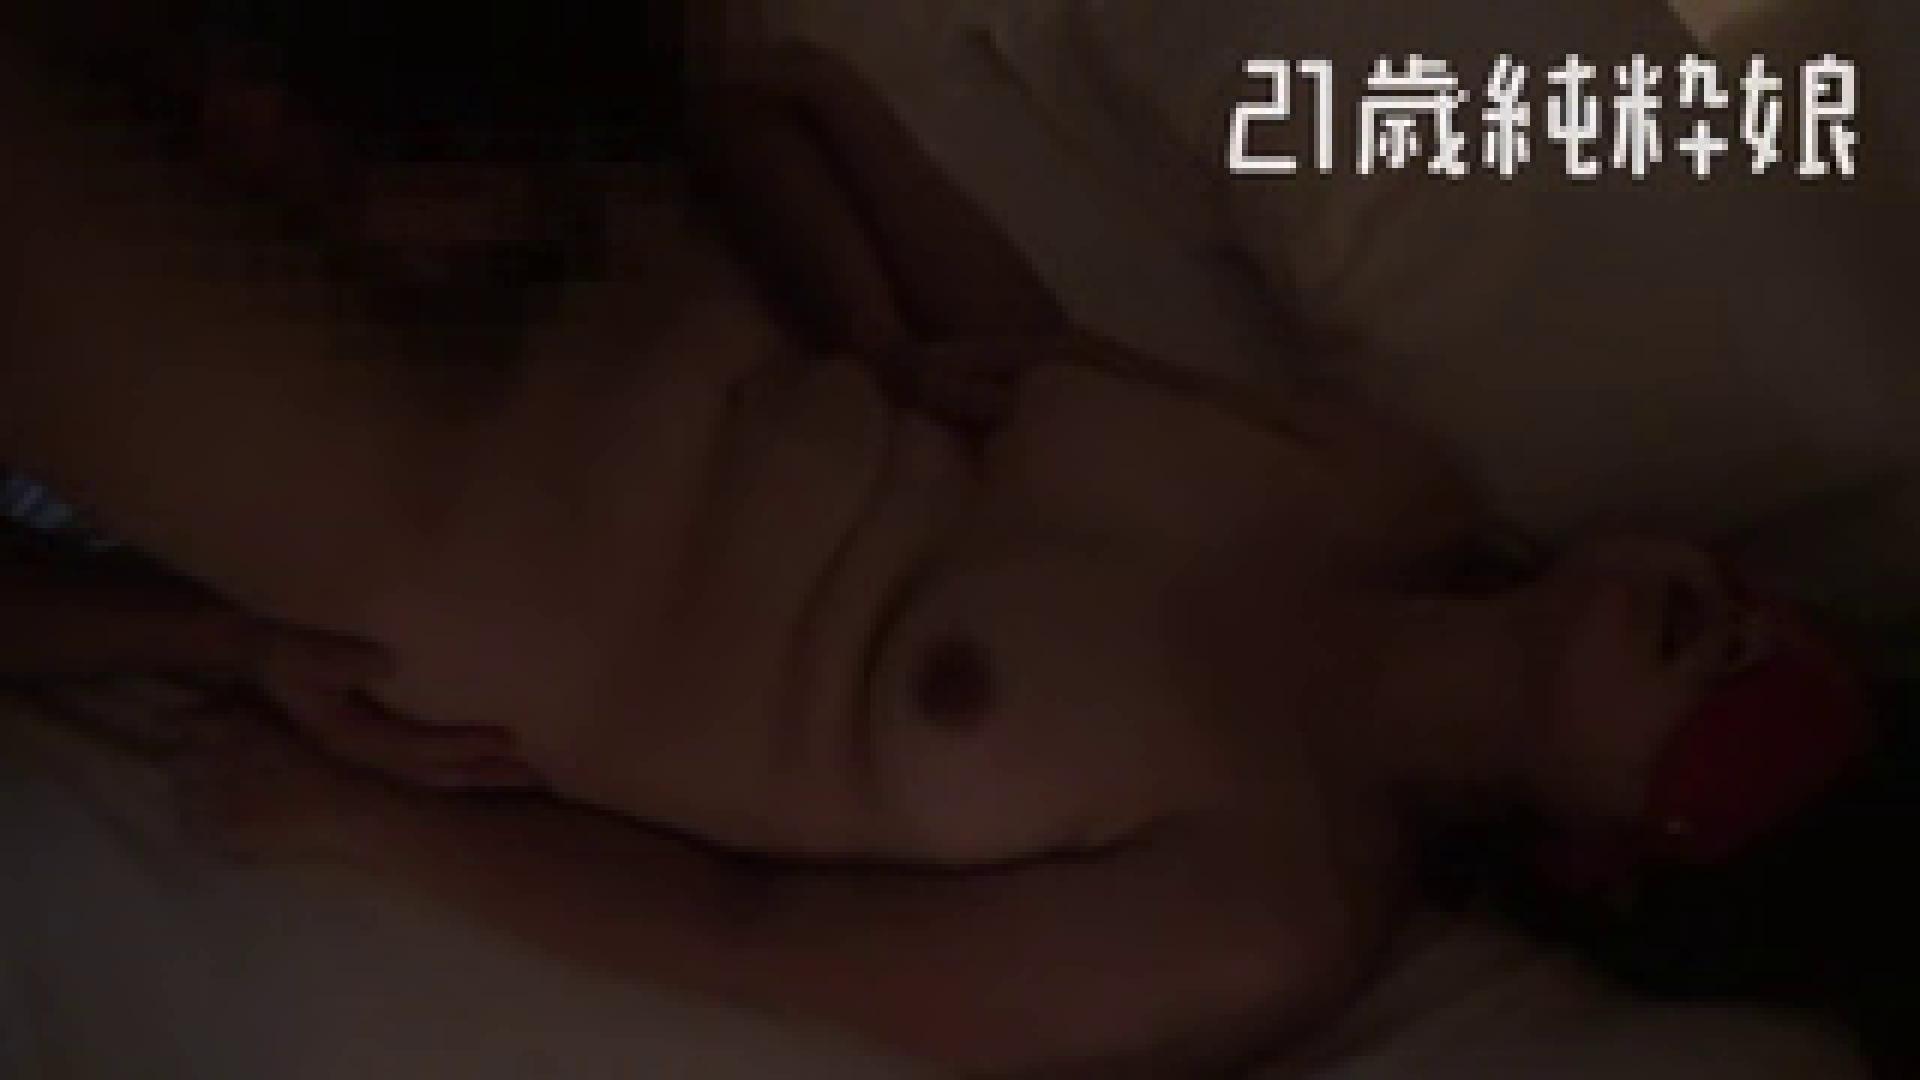 上京したばかりのGカップ21歳純粋嬢を都合の良い女にしてみた4 投稿  61連発 56